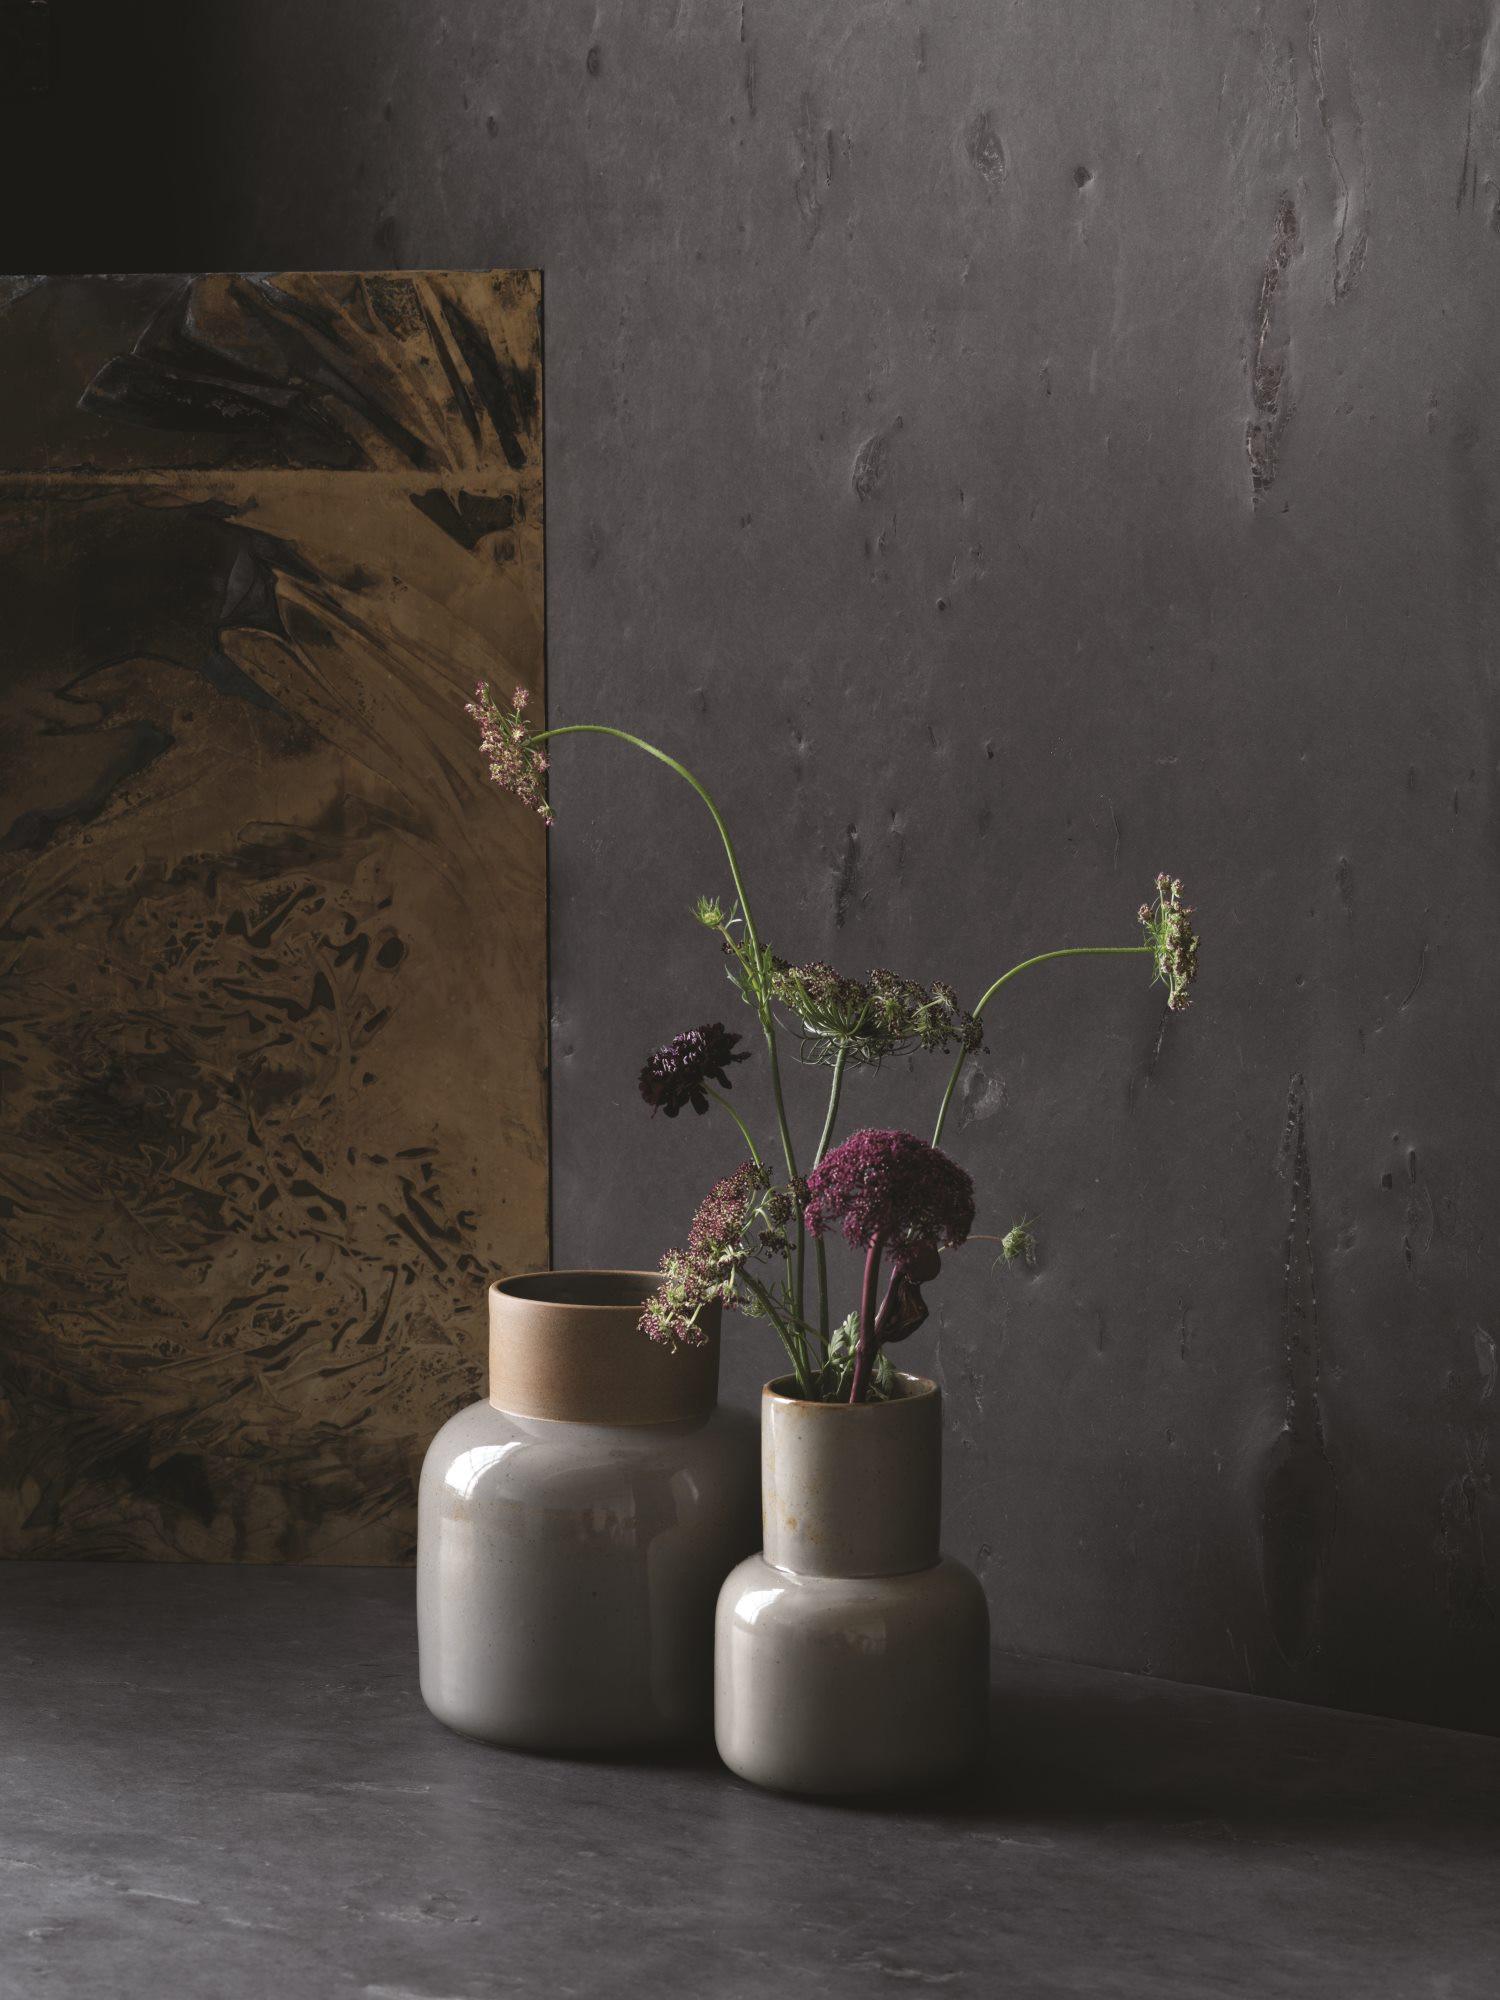 - Cecile Manz apela a lo orgánico de la cerámica japonesa con su colección de recipientes. El material se destaca por su imperfección natural, complementando el minimalismo de la forma y lo que puede contener.